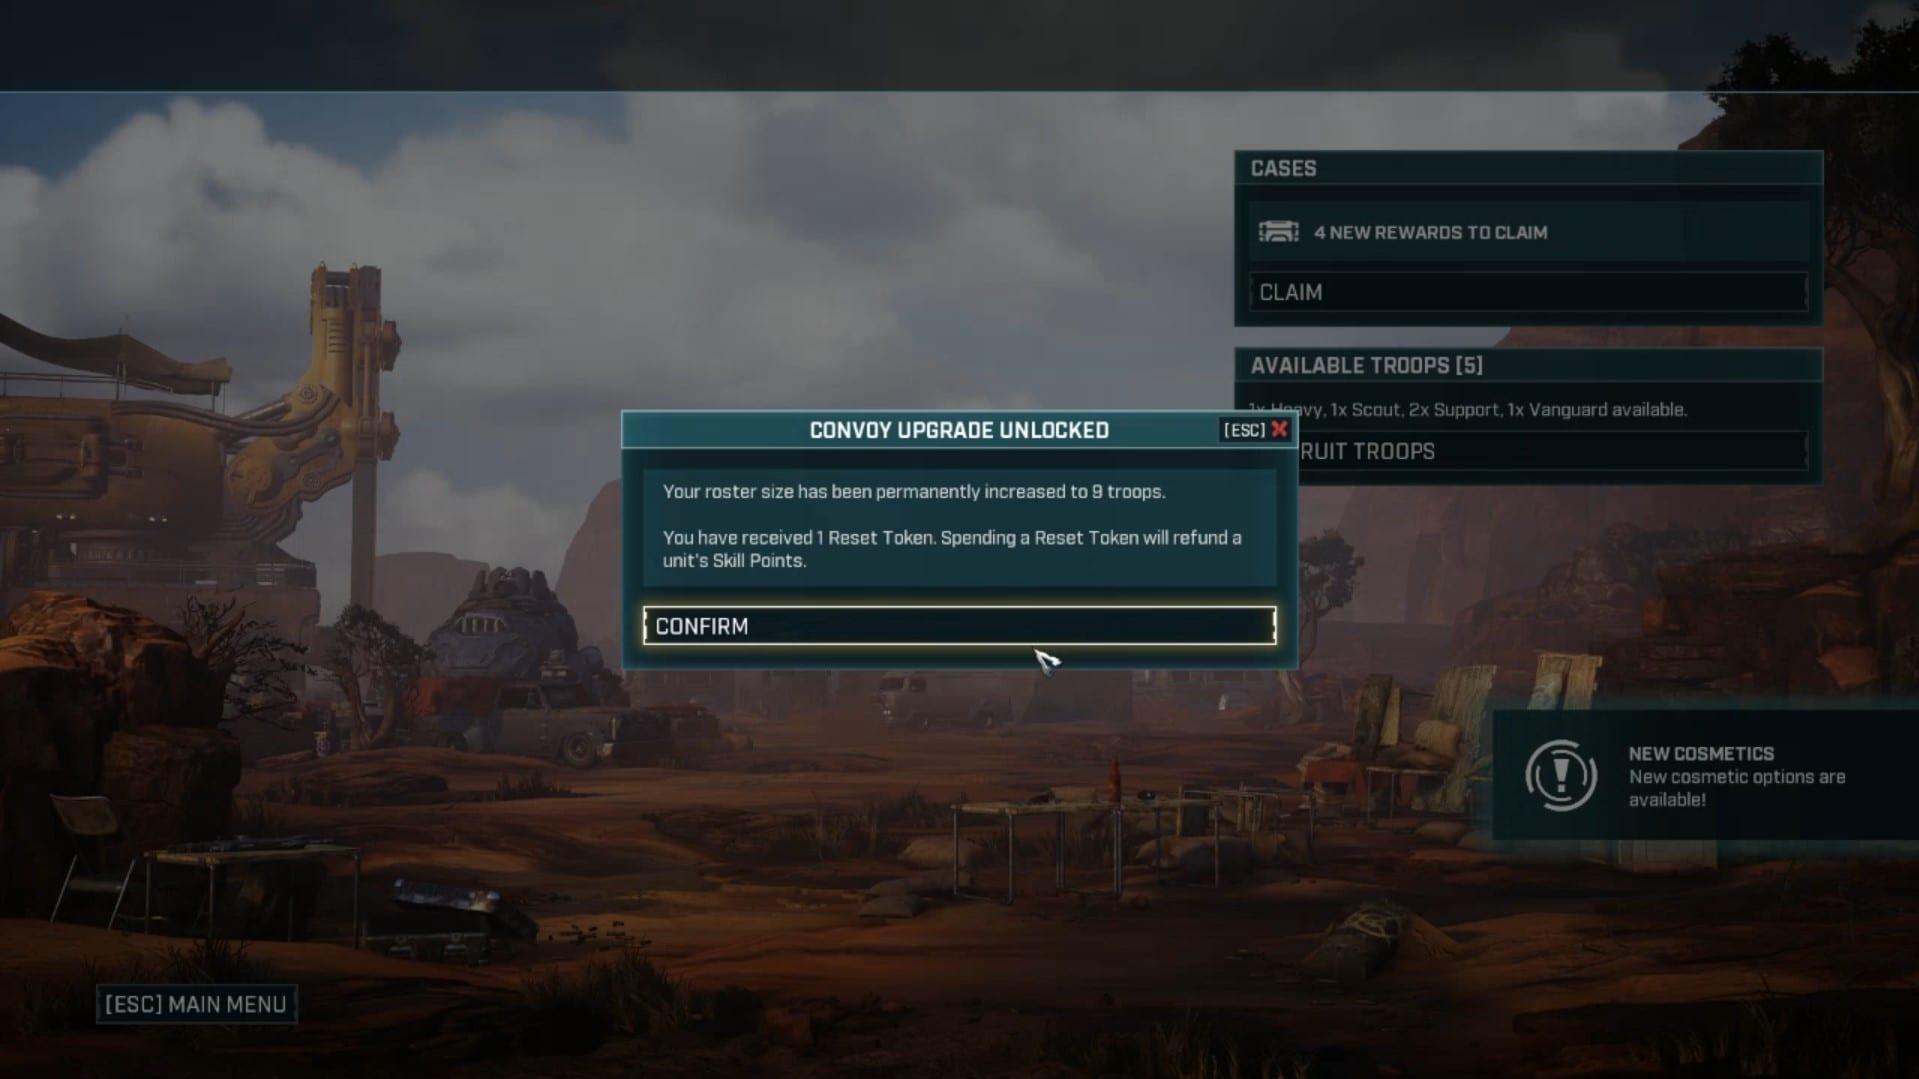 restablecer tokens en Gears Tactics